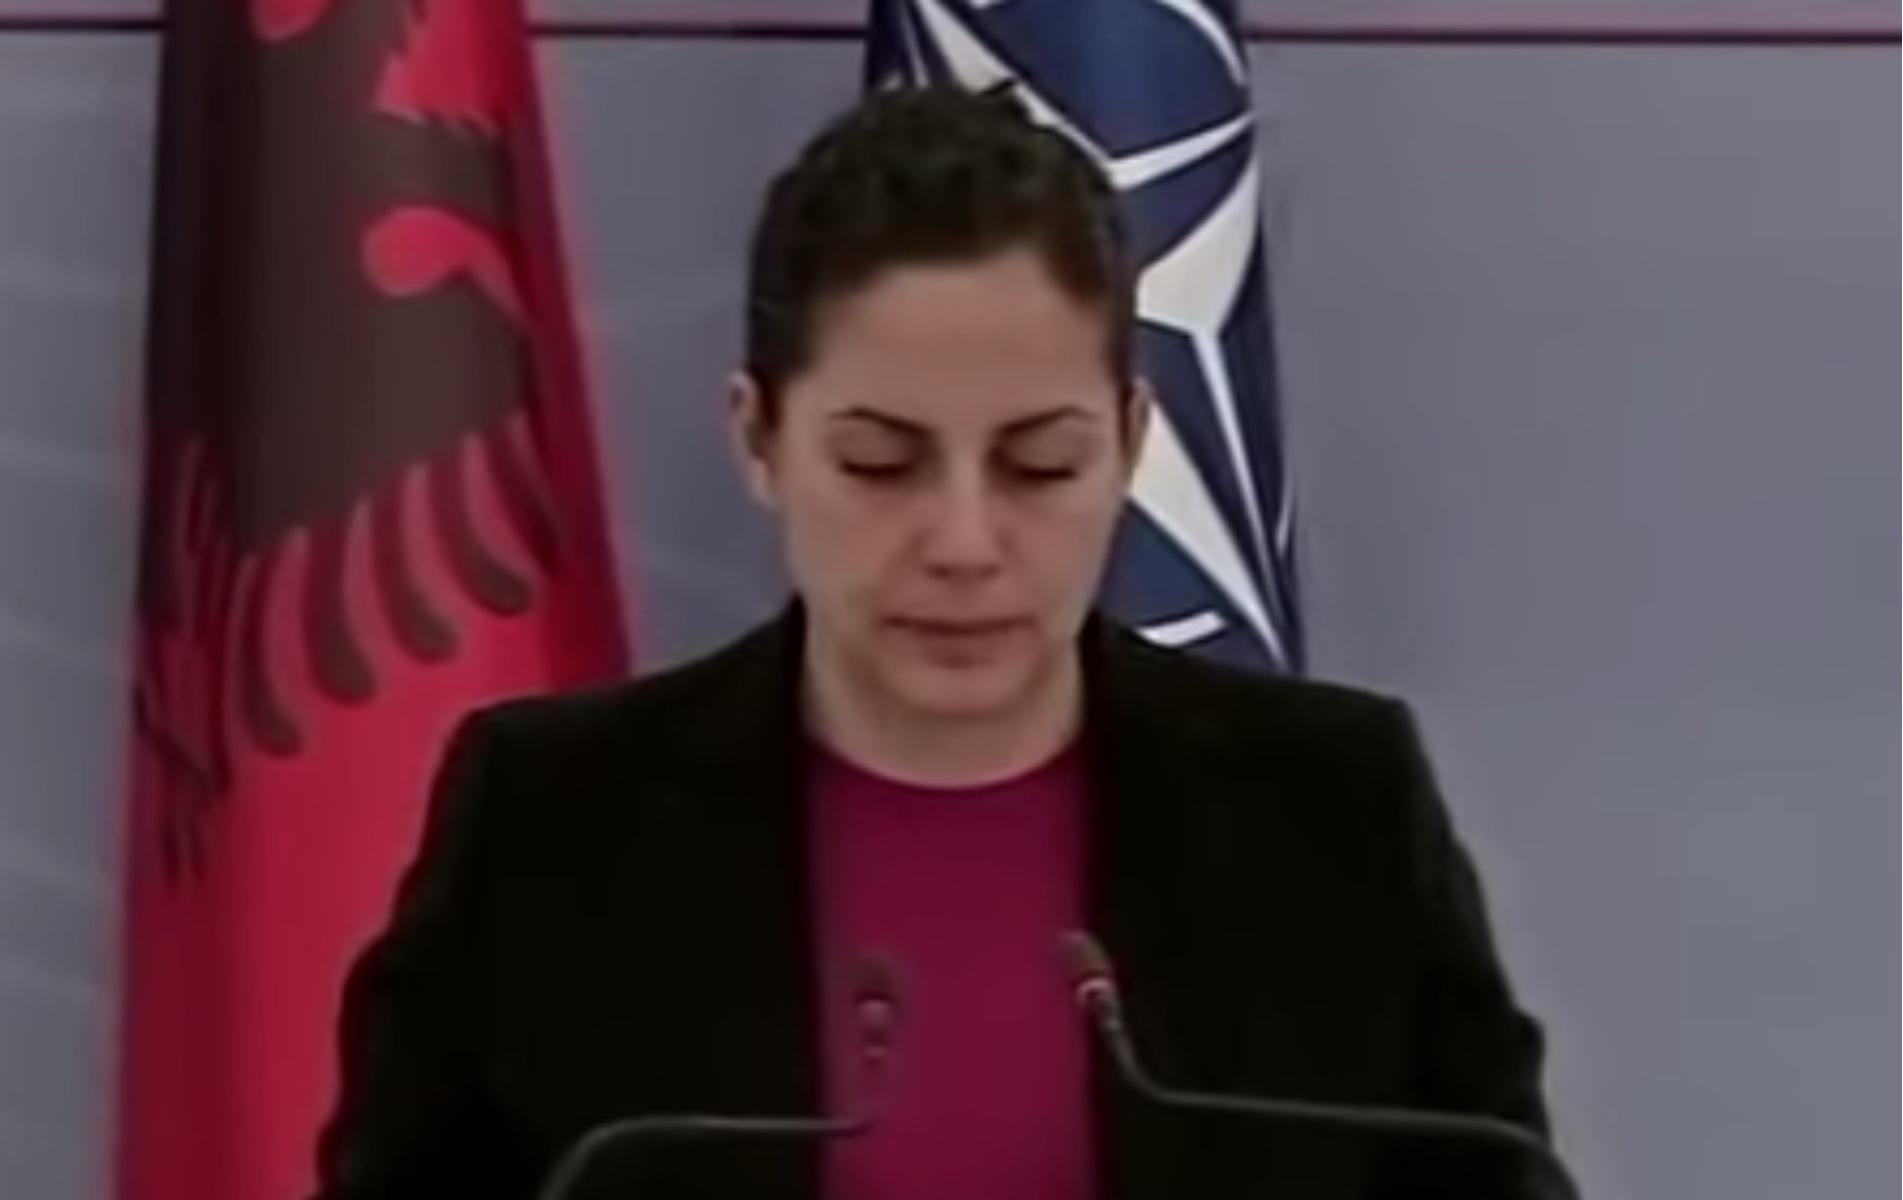 Σεισμός στην Αλβανία: Τα δάκρυα της υπουργού Άμυνας την ώρα που διάβαζε τη λίστα των θυμάτων